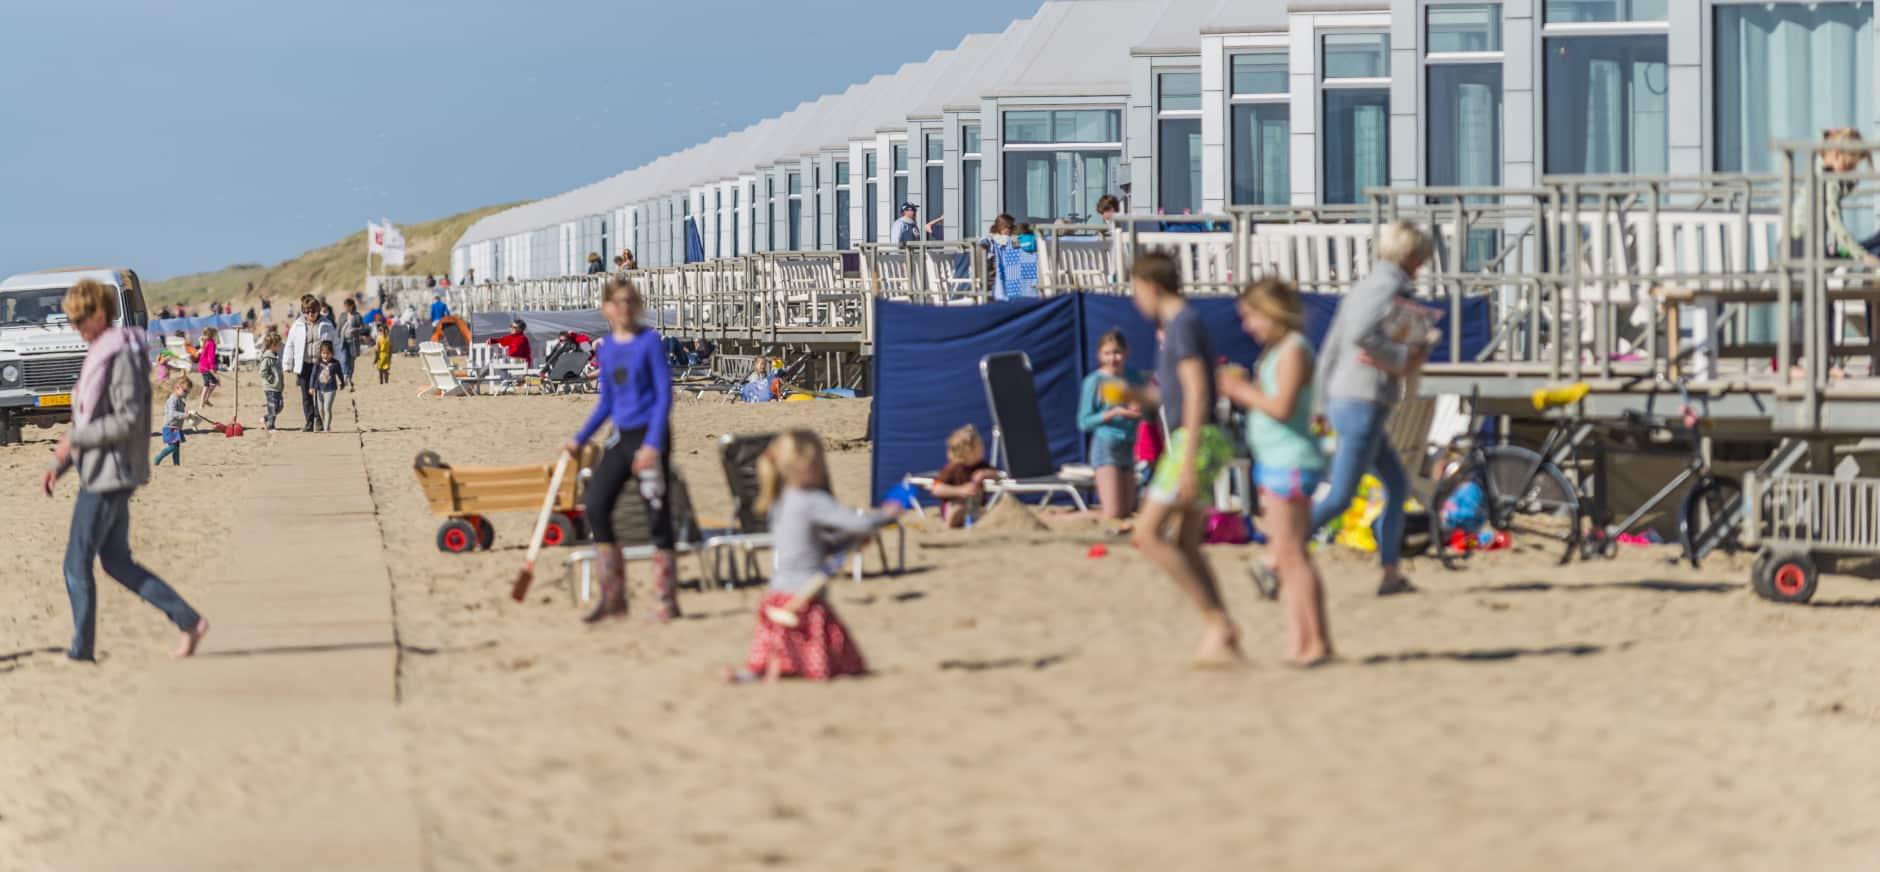 Kustontmoeting: Rust van de kust als tegenhanger van drukke Randstad